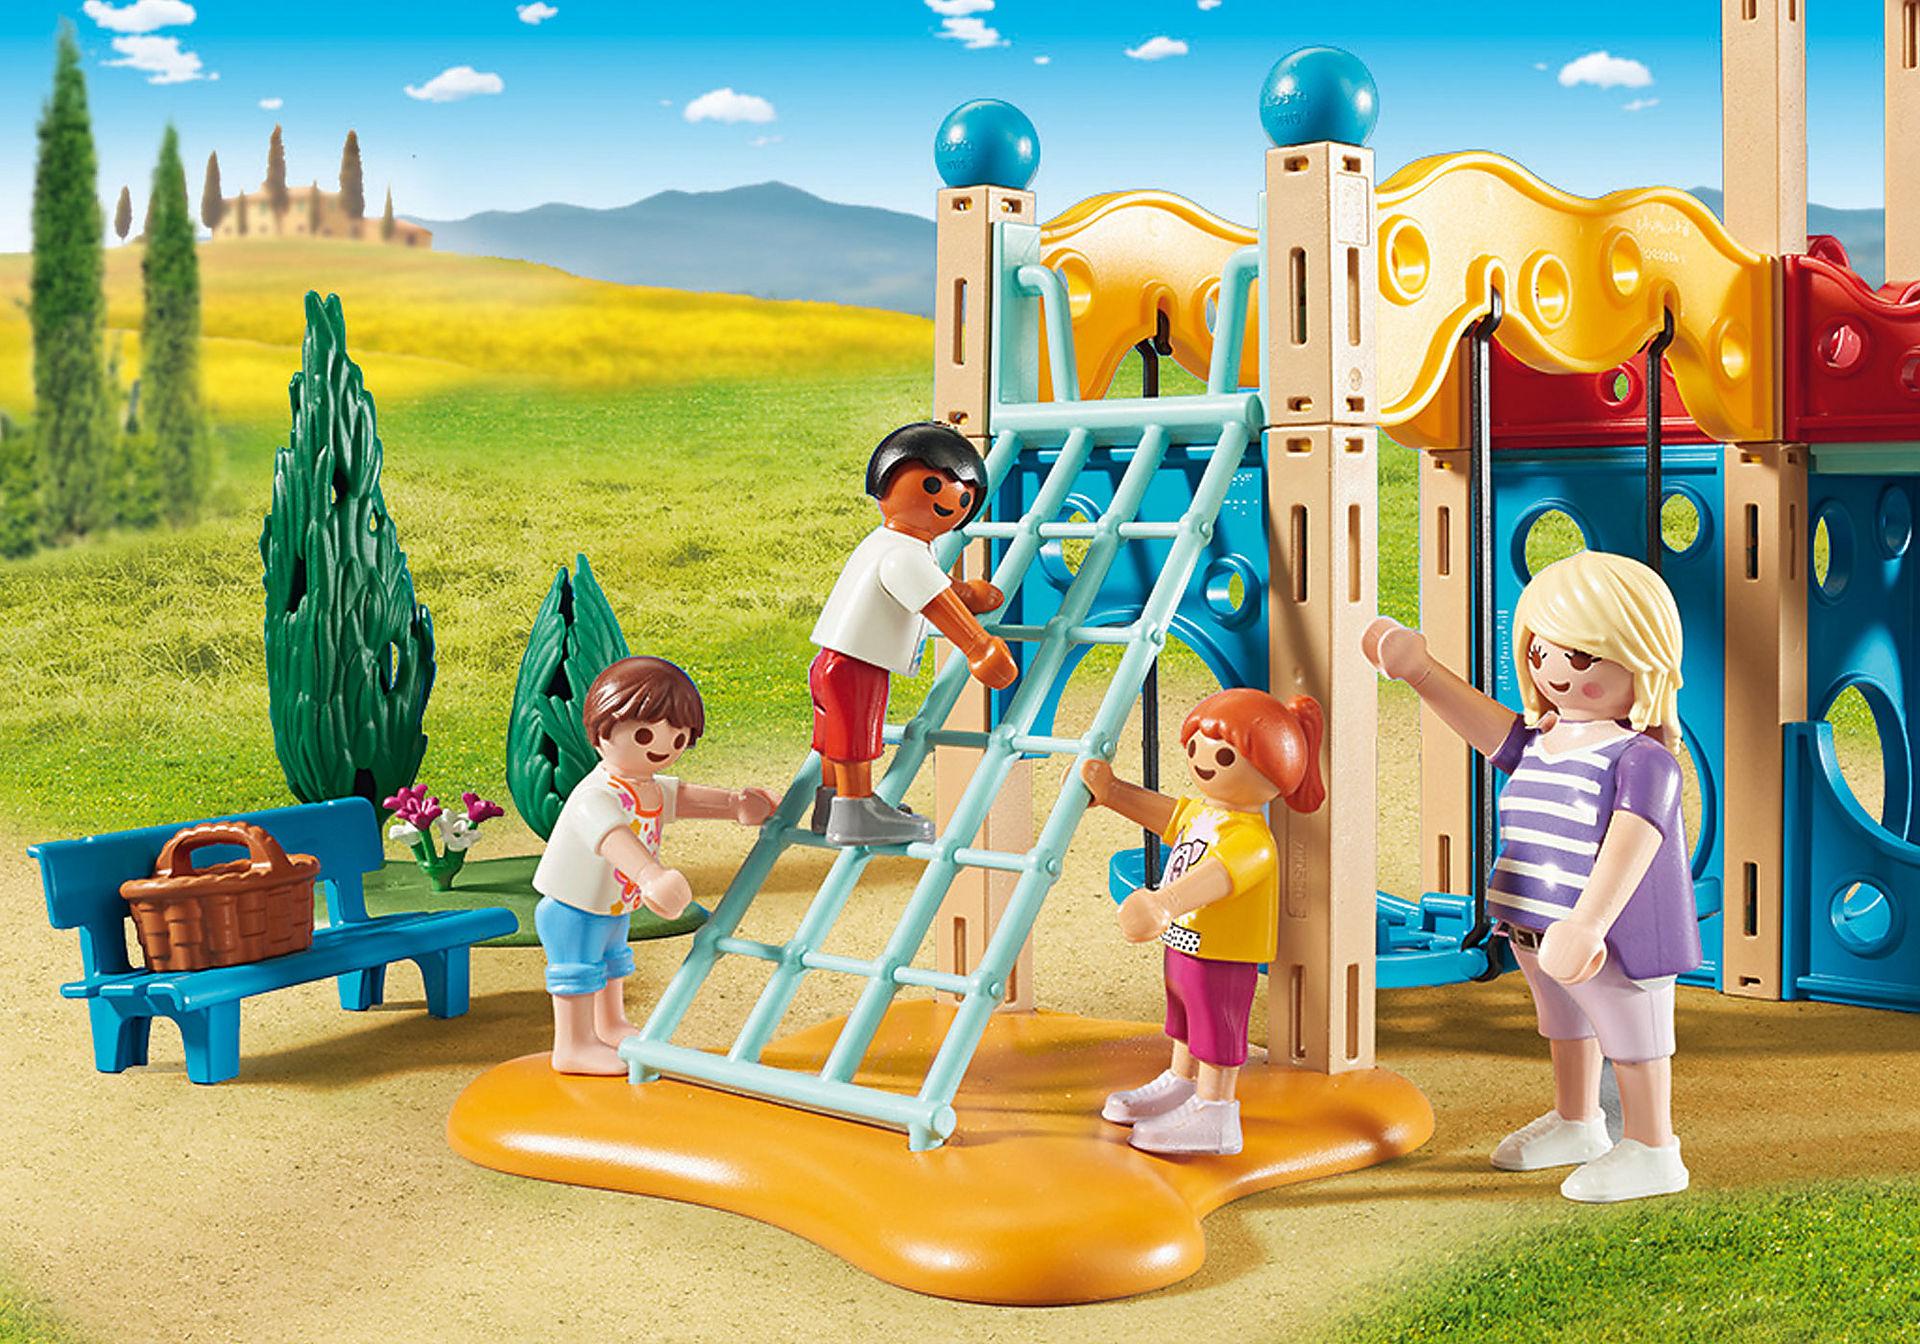 9423 Parco giochi dei bambini zoom image5